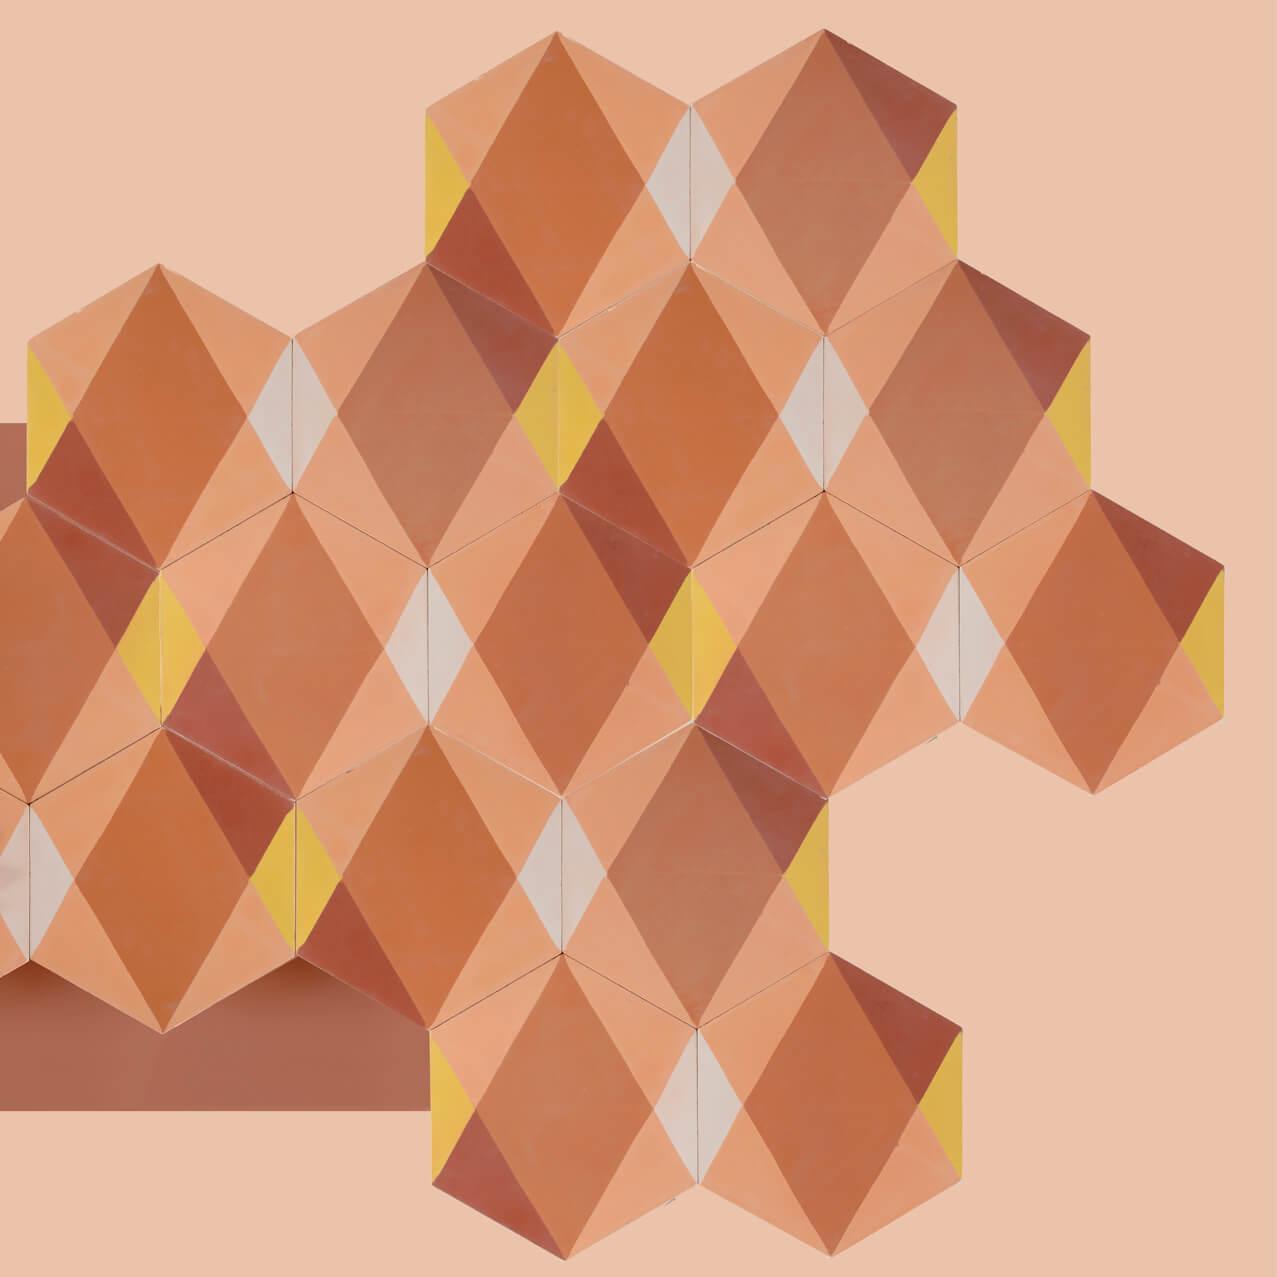 carreaux de ciment hexagonaux géométriques tendances